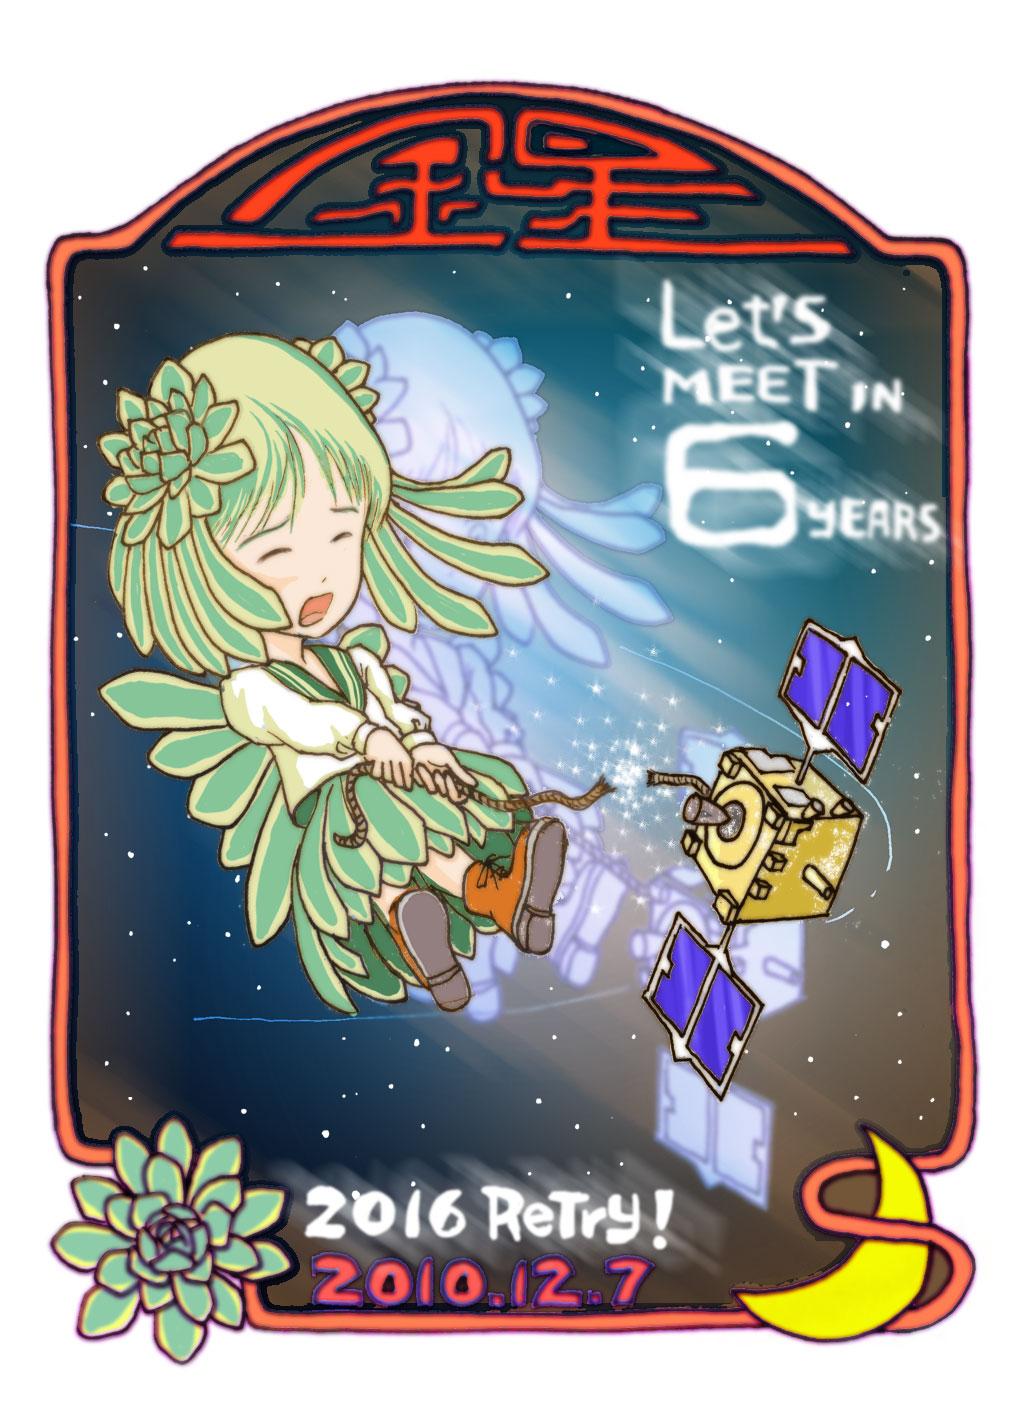 Akatsuki_lets_meet_in_6ys